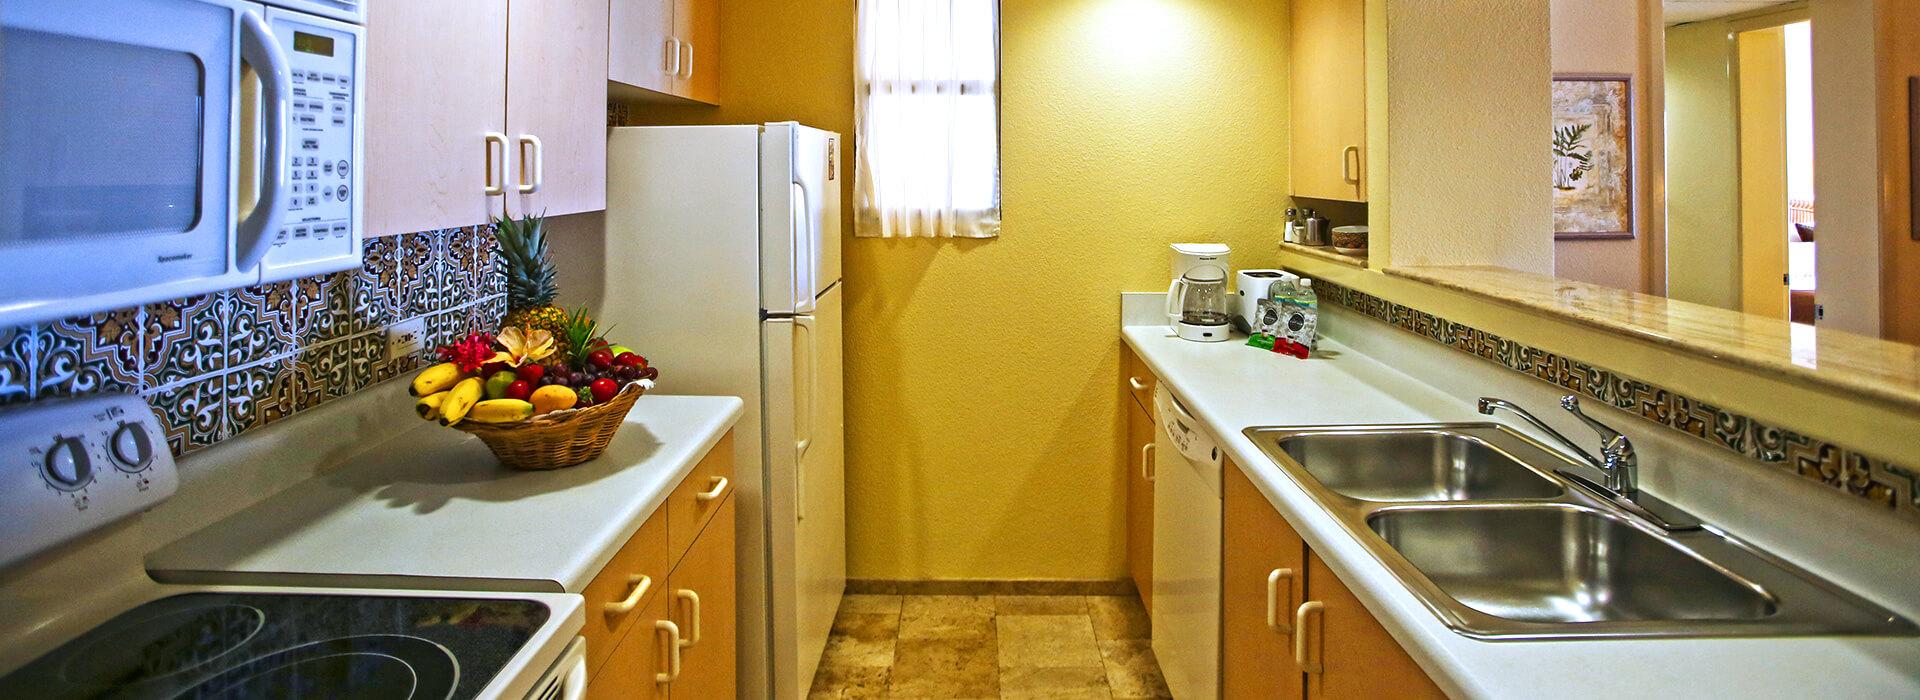 Villas de dos recámaras frente al mar y cocina completa en el Resort Todo Incluido en Cancun